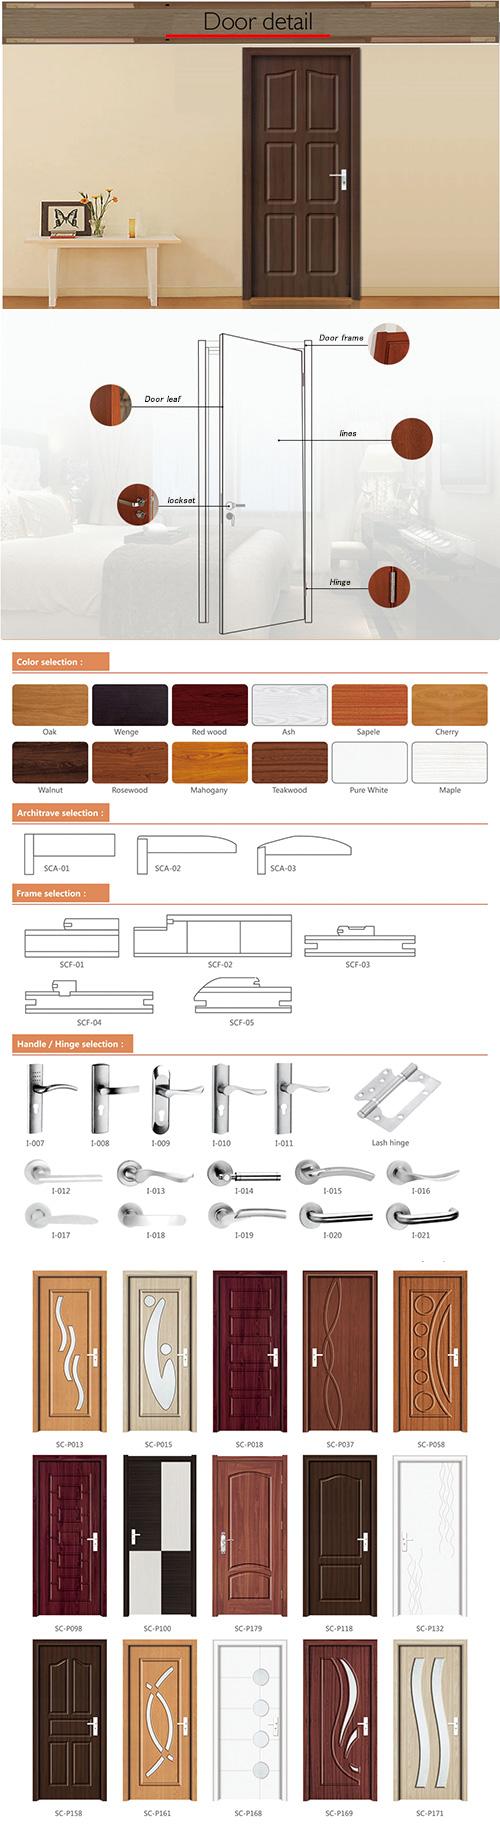 Single Leaf New Design Bedroom Doors